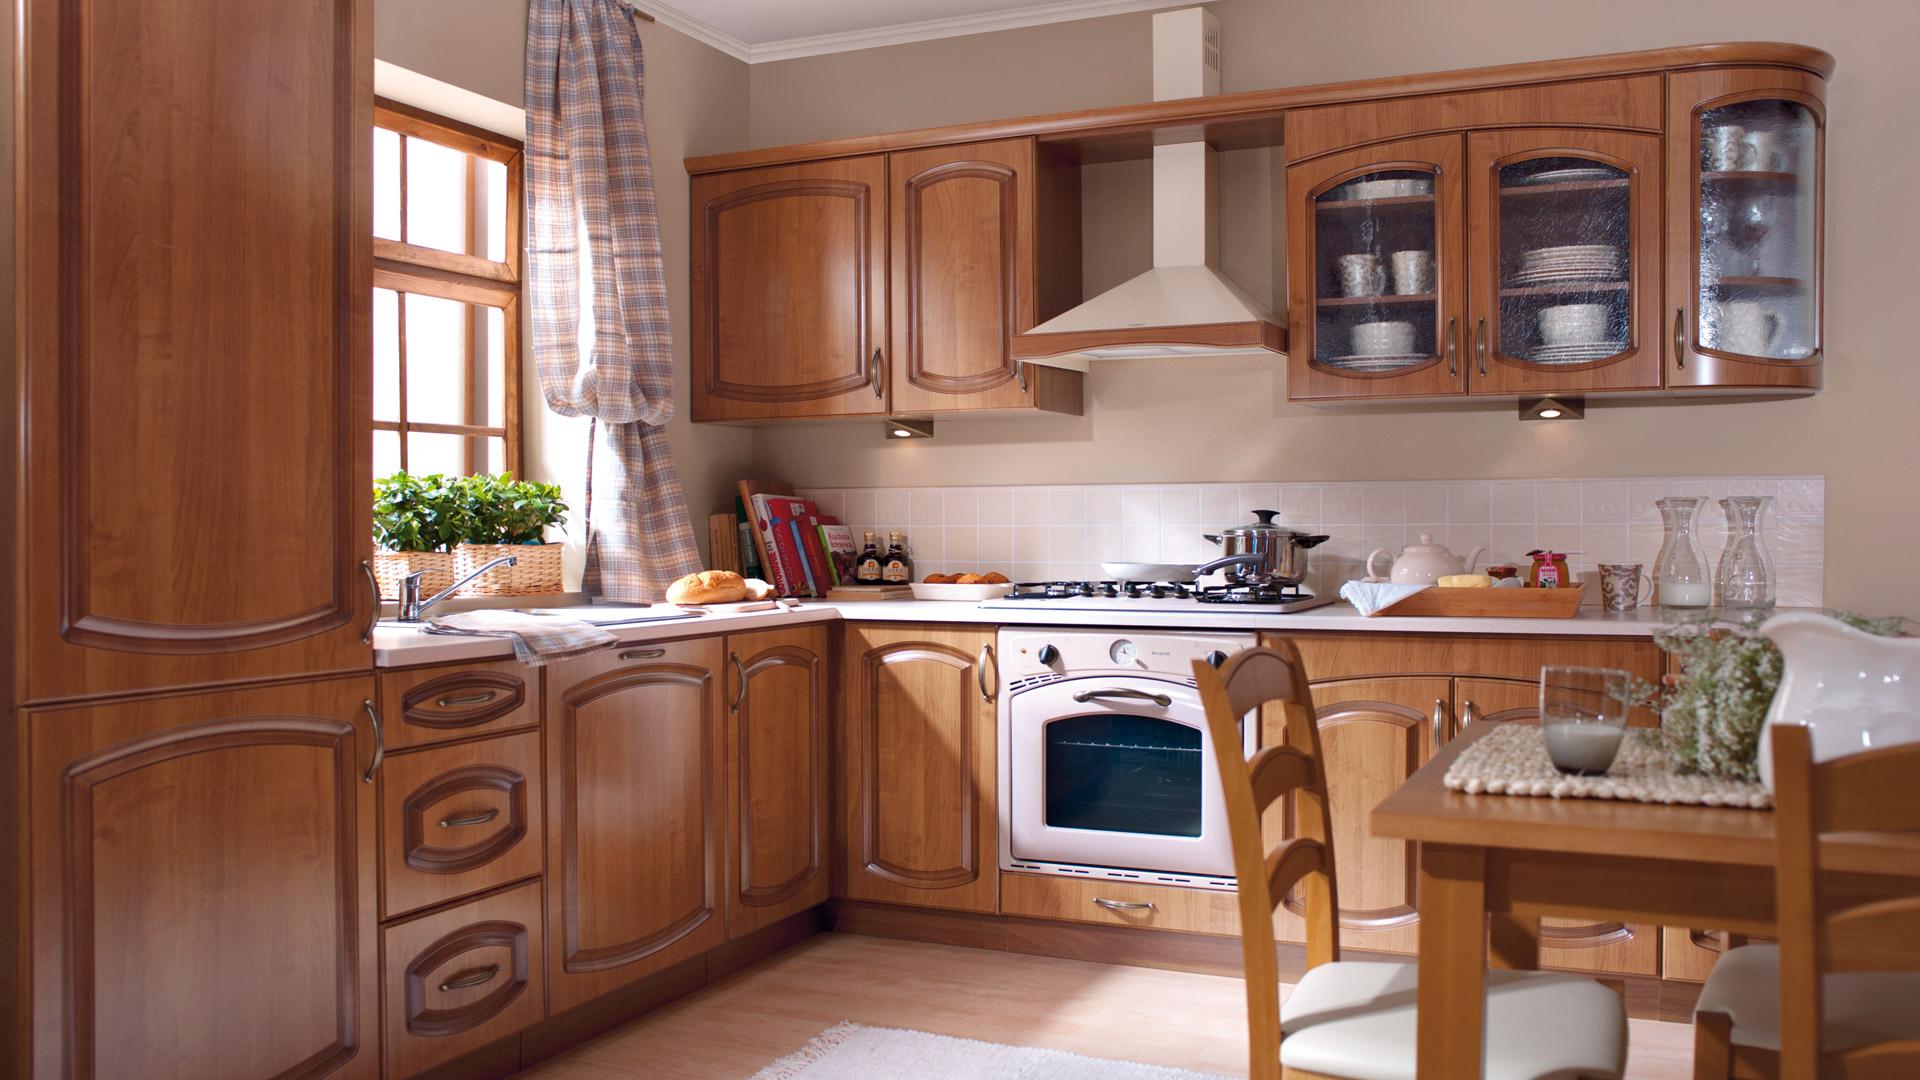 Brw Family Line Modulowa Kuchnia W Klasycznej Estetyce Trans Meb